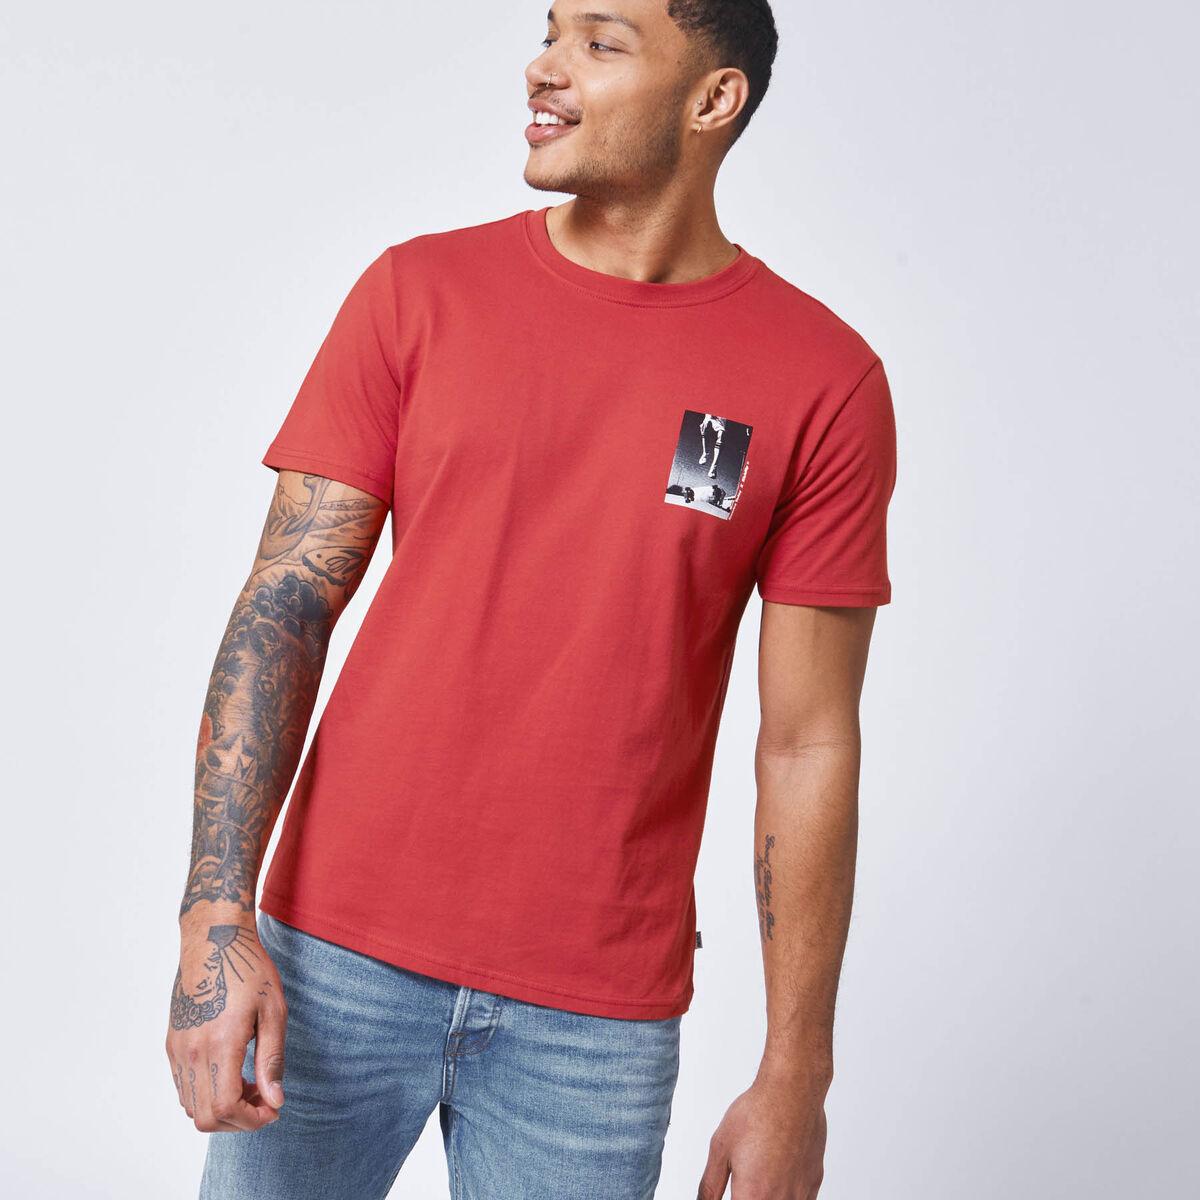 T-shirt Emory burger